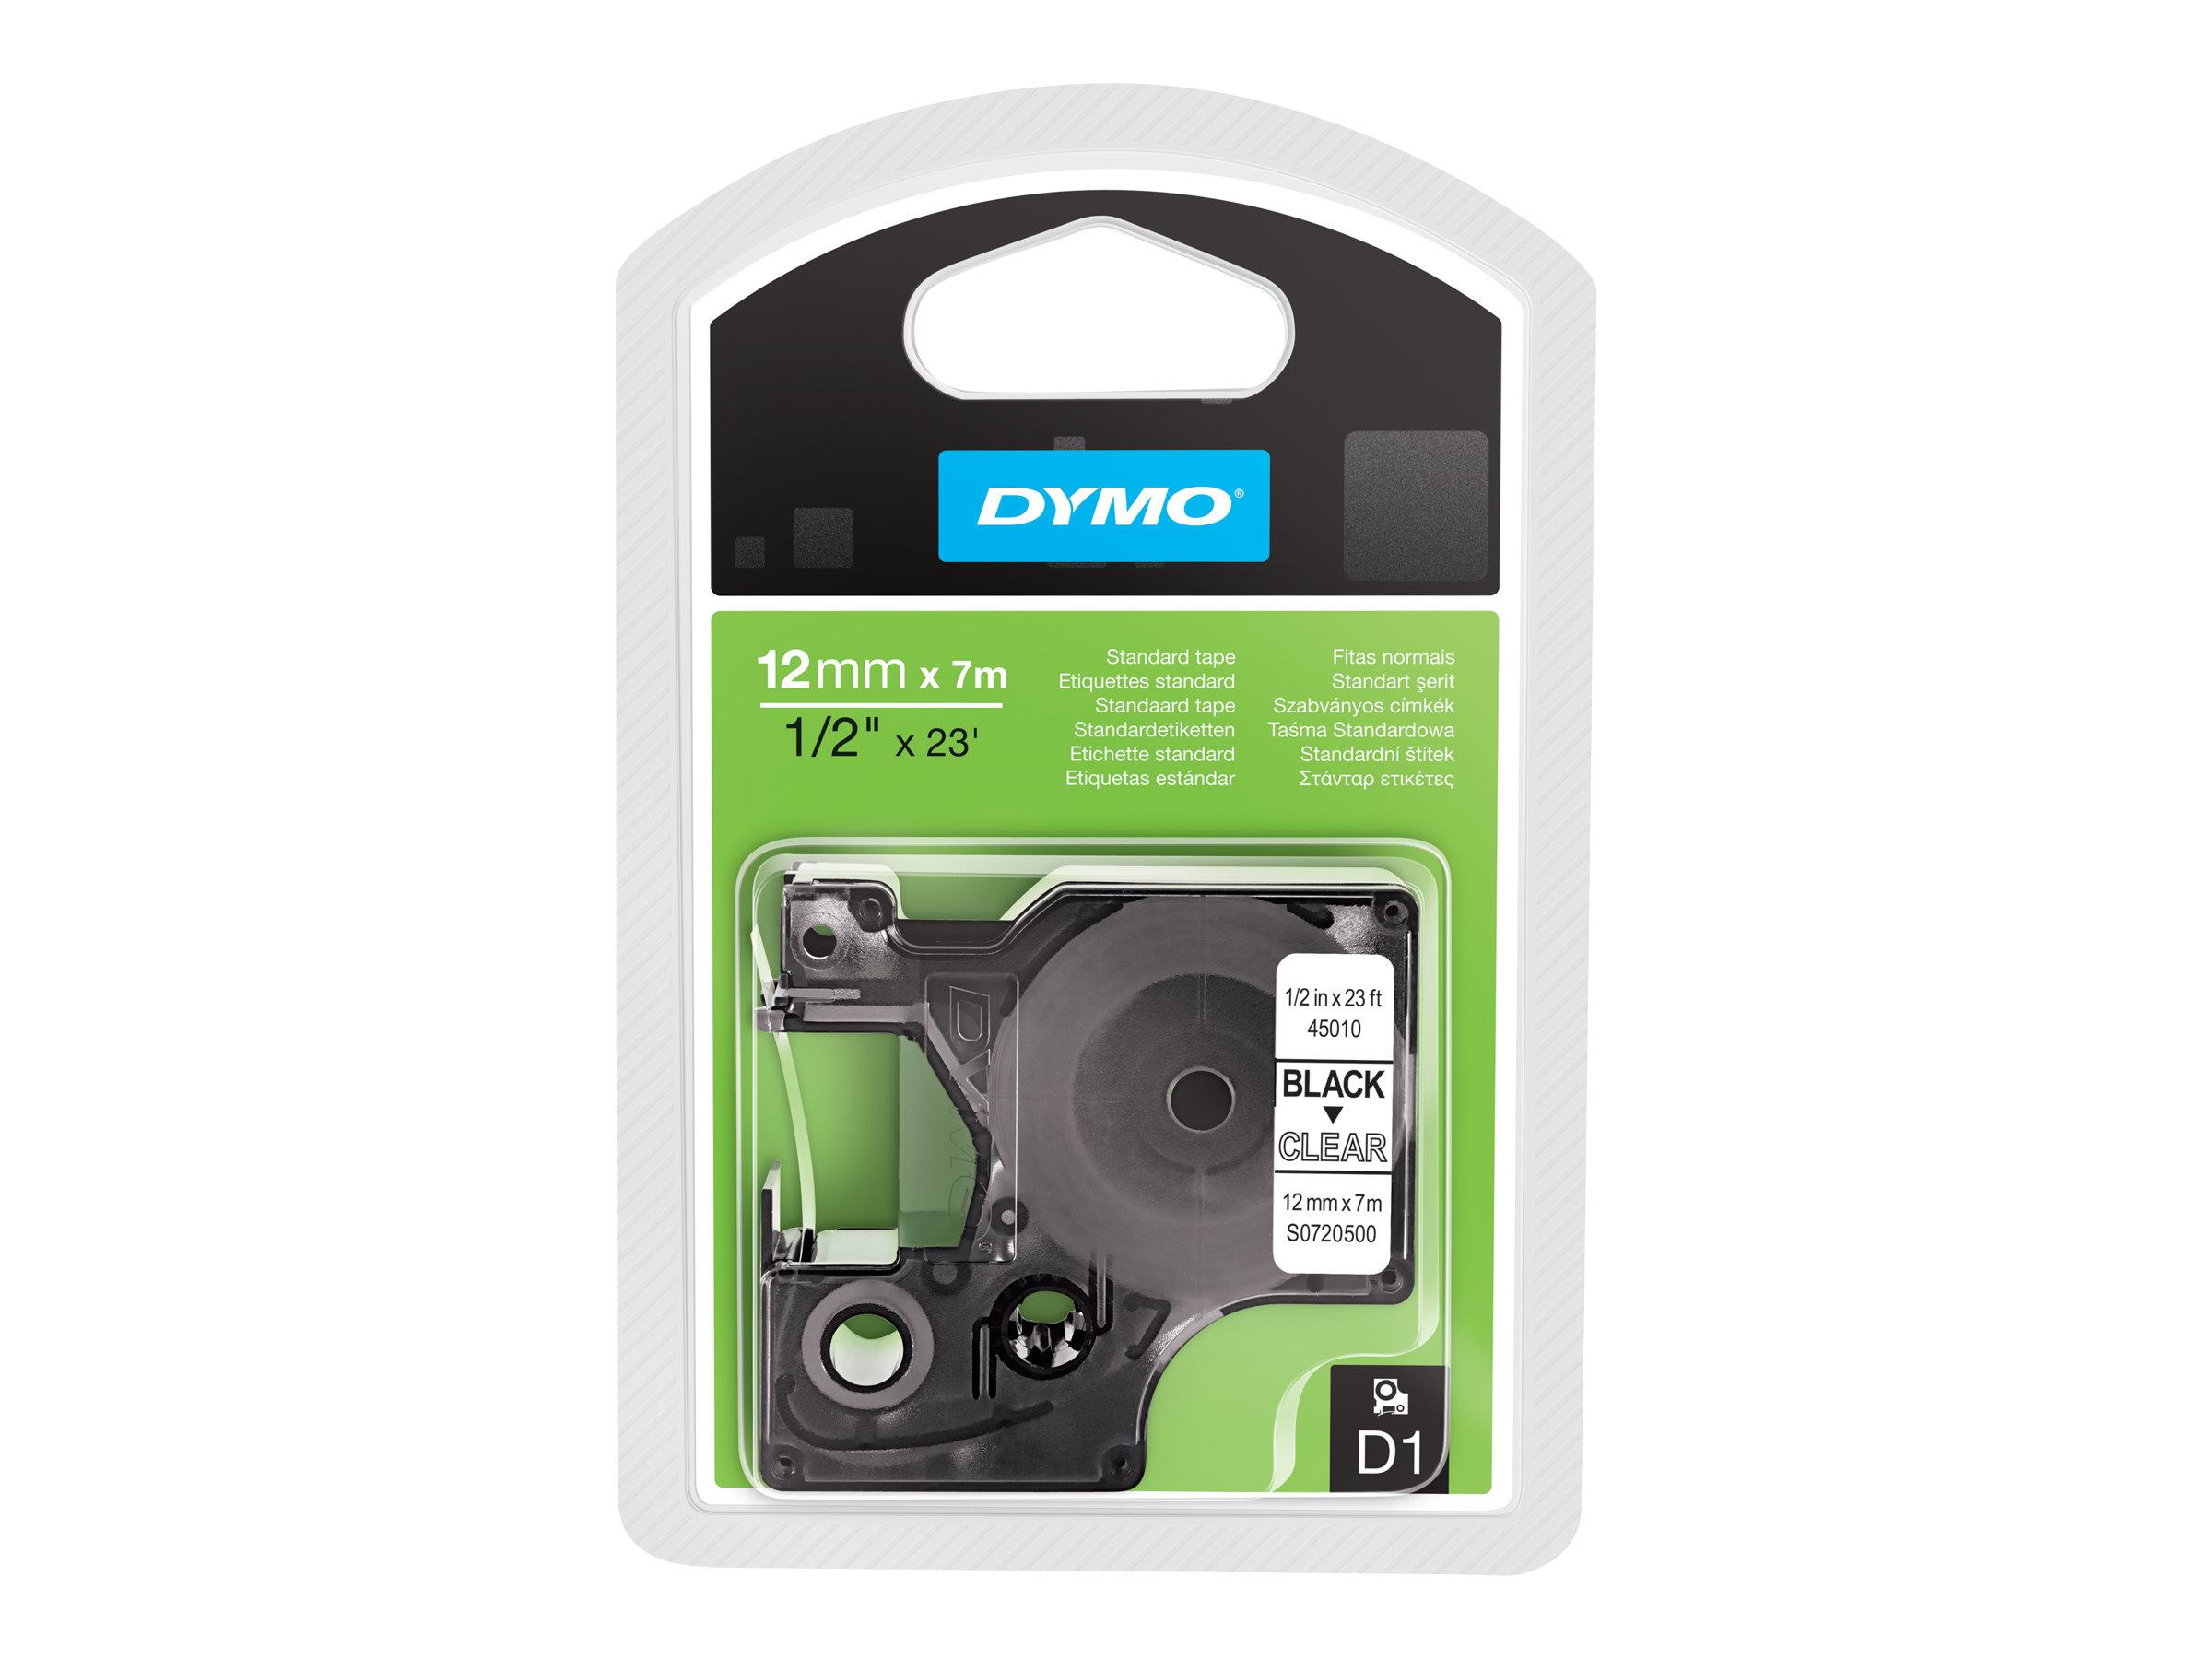 DYMO D1 - Selbstklebend - Schwarz auf Transparent - Rolle (1,2 cm x 7 m) 1 Rolle(n) Etikettenband - für LabelMANAGER 100, 160, 2